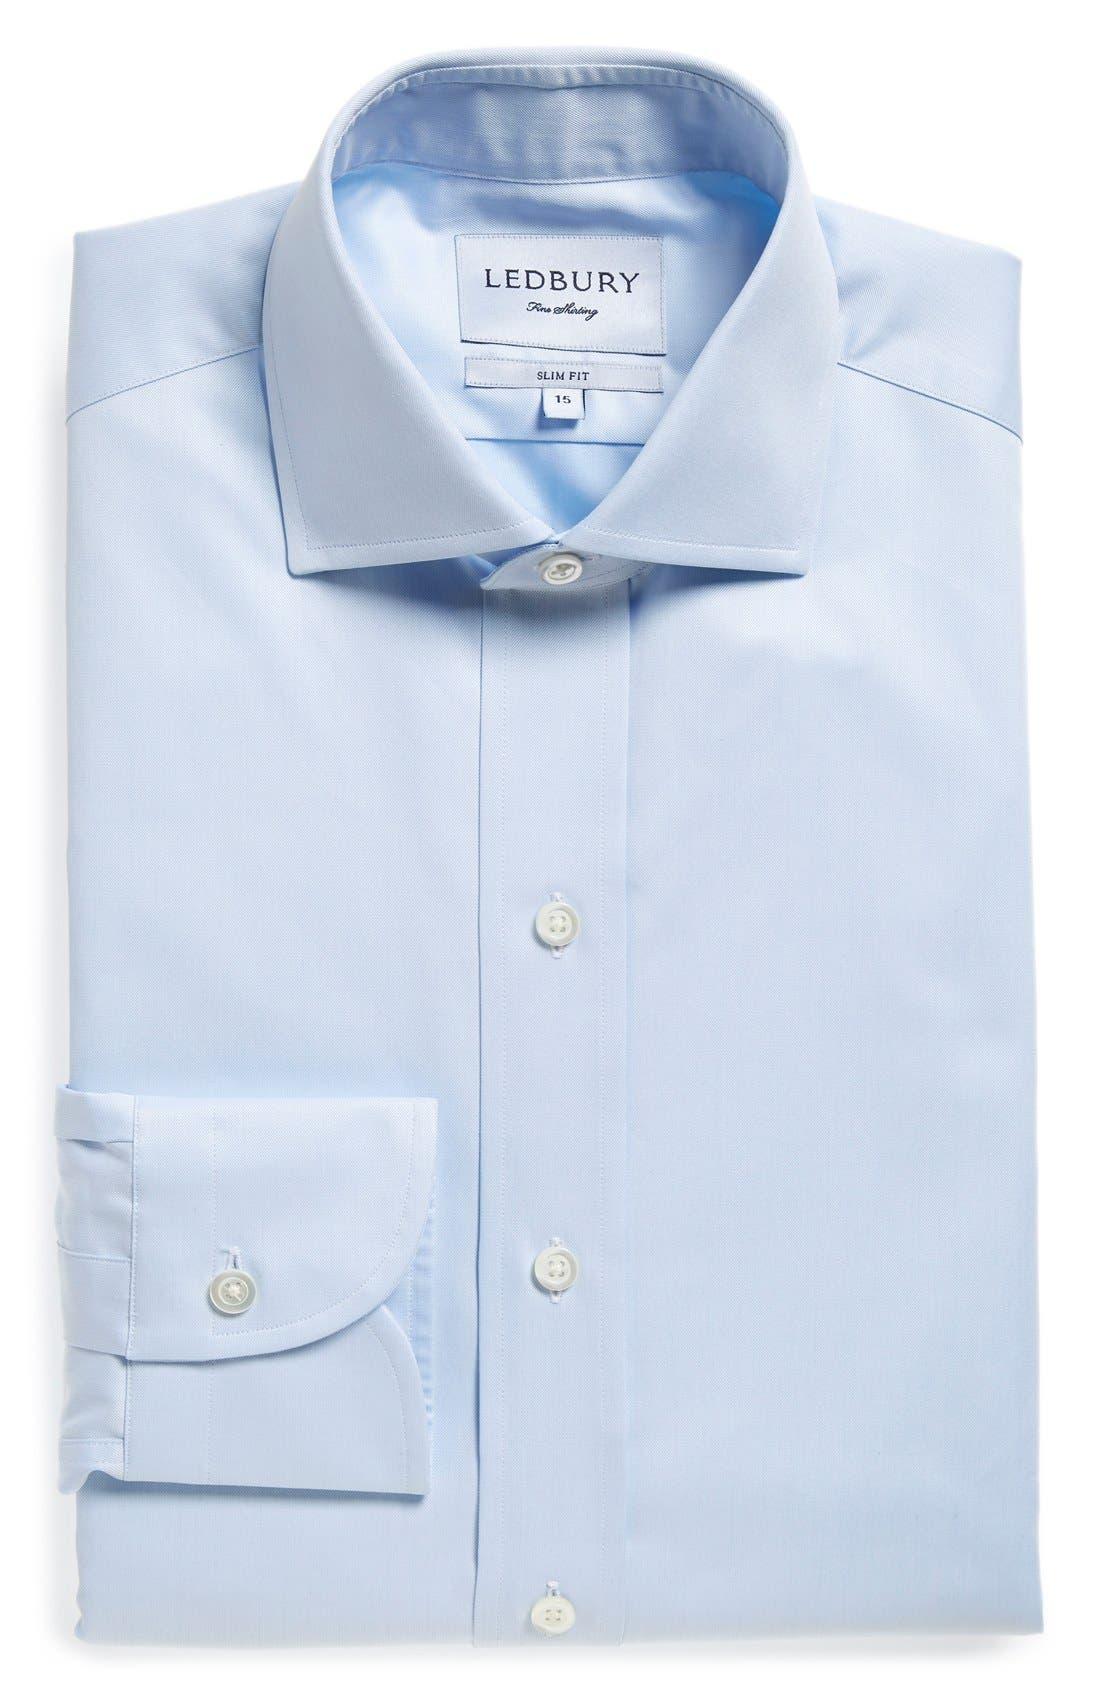 LEDBURY Slim Fit Dress Shirt